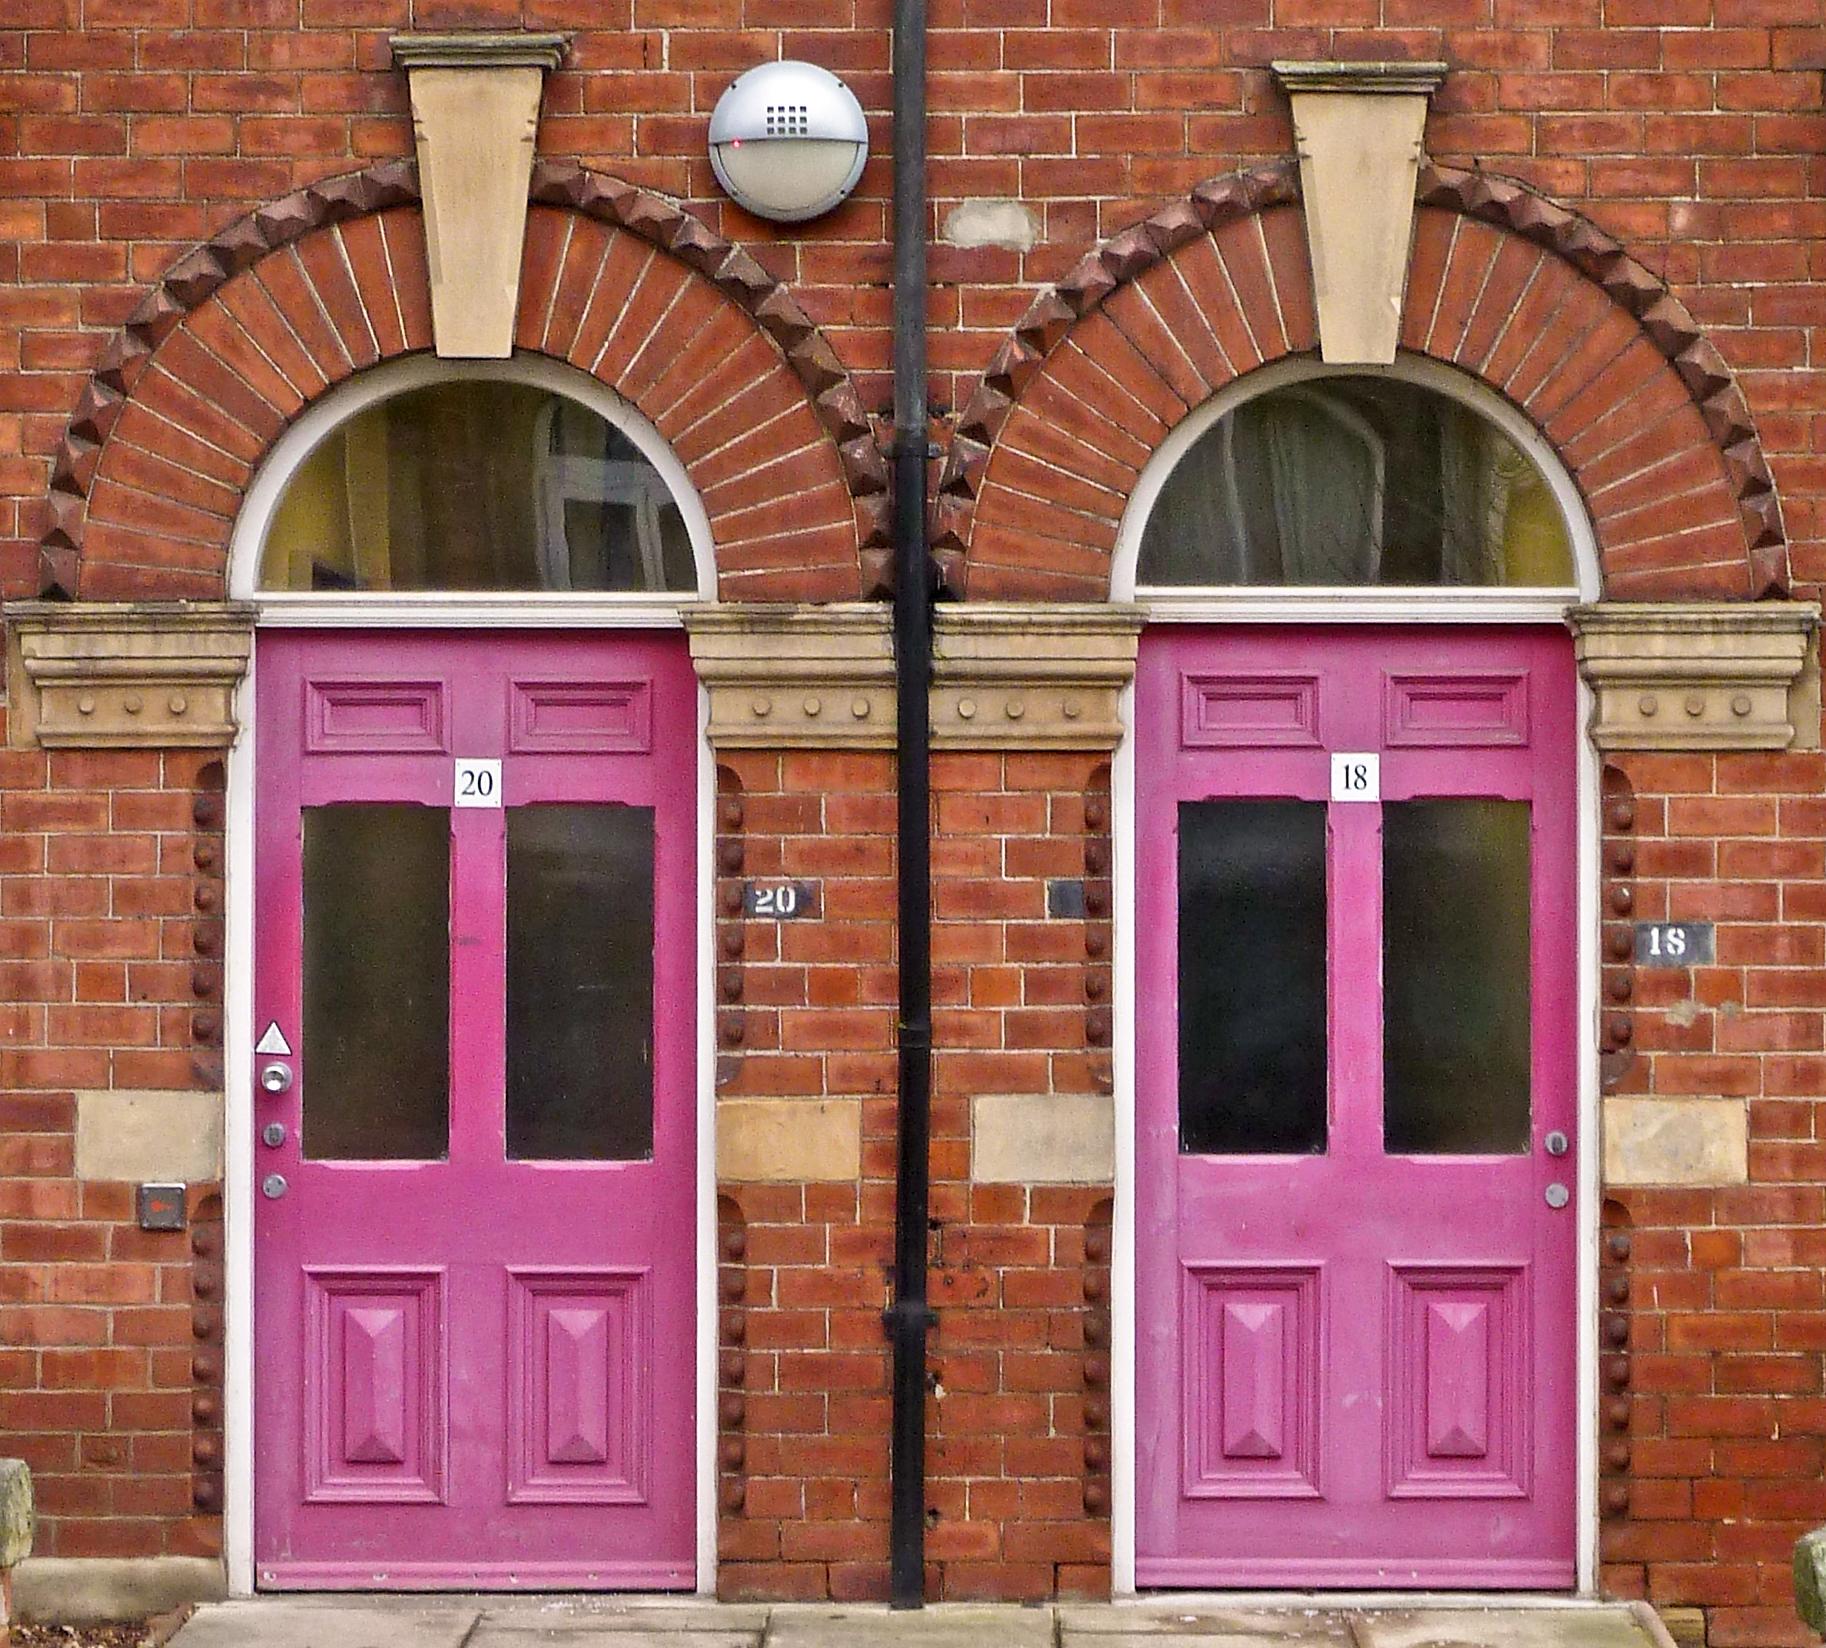 FileTwo Pink Doors Cromer Terrace Leeds (Taken by Flickr user 5th & File:Two Pink Doors Cromer Terrace Leeds (Taken by Flickr user ...